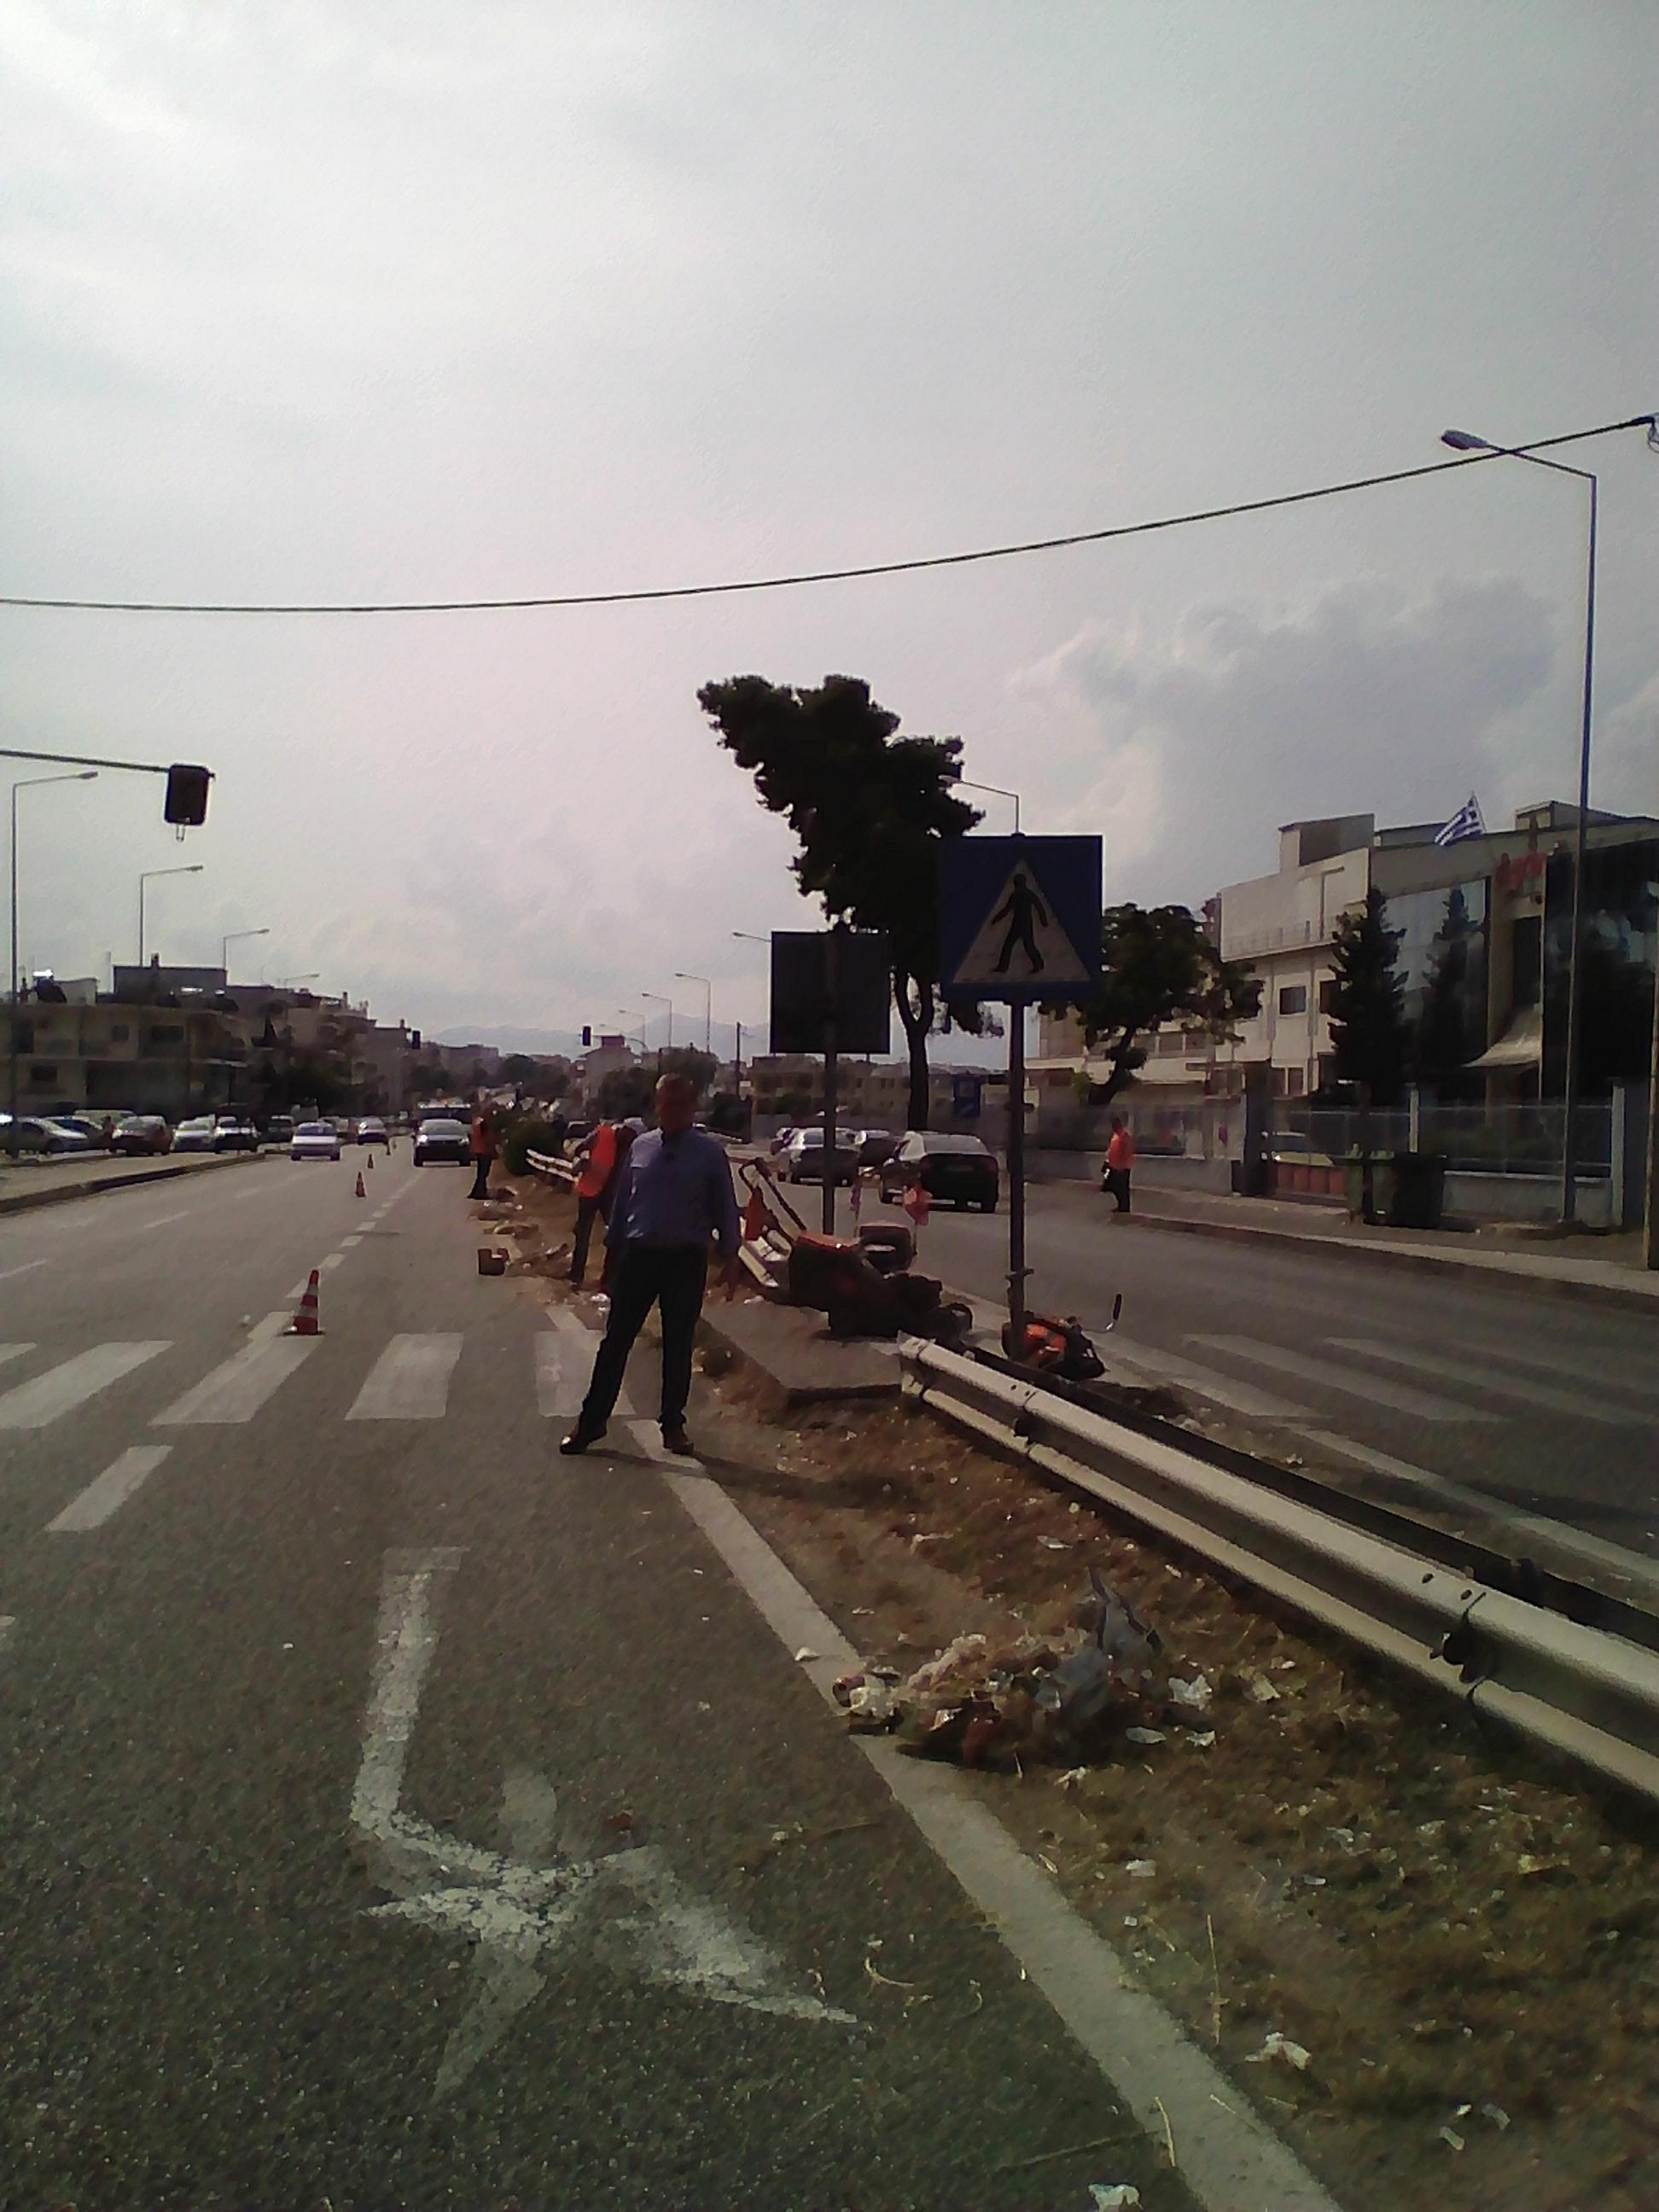 Εργασίες καθαρισμού στην Εθνική Οδό  από τον δήμο Αγρινίου